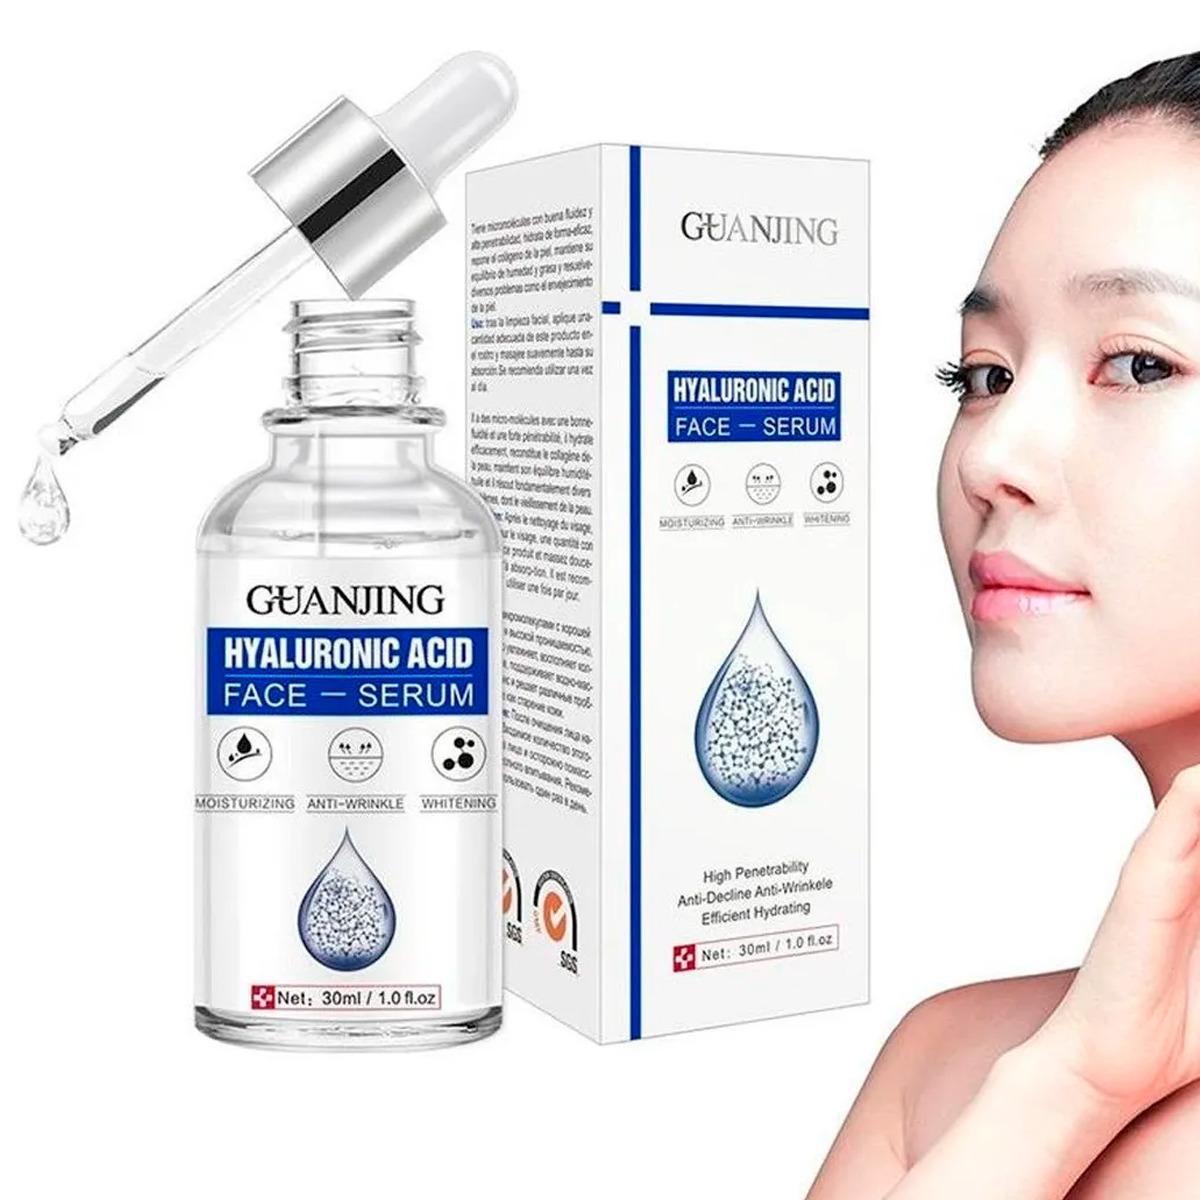 Suero Facial Natural Vitamina C Y E Acido Hialurónico Serum